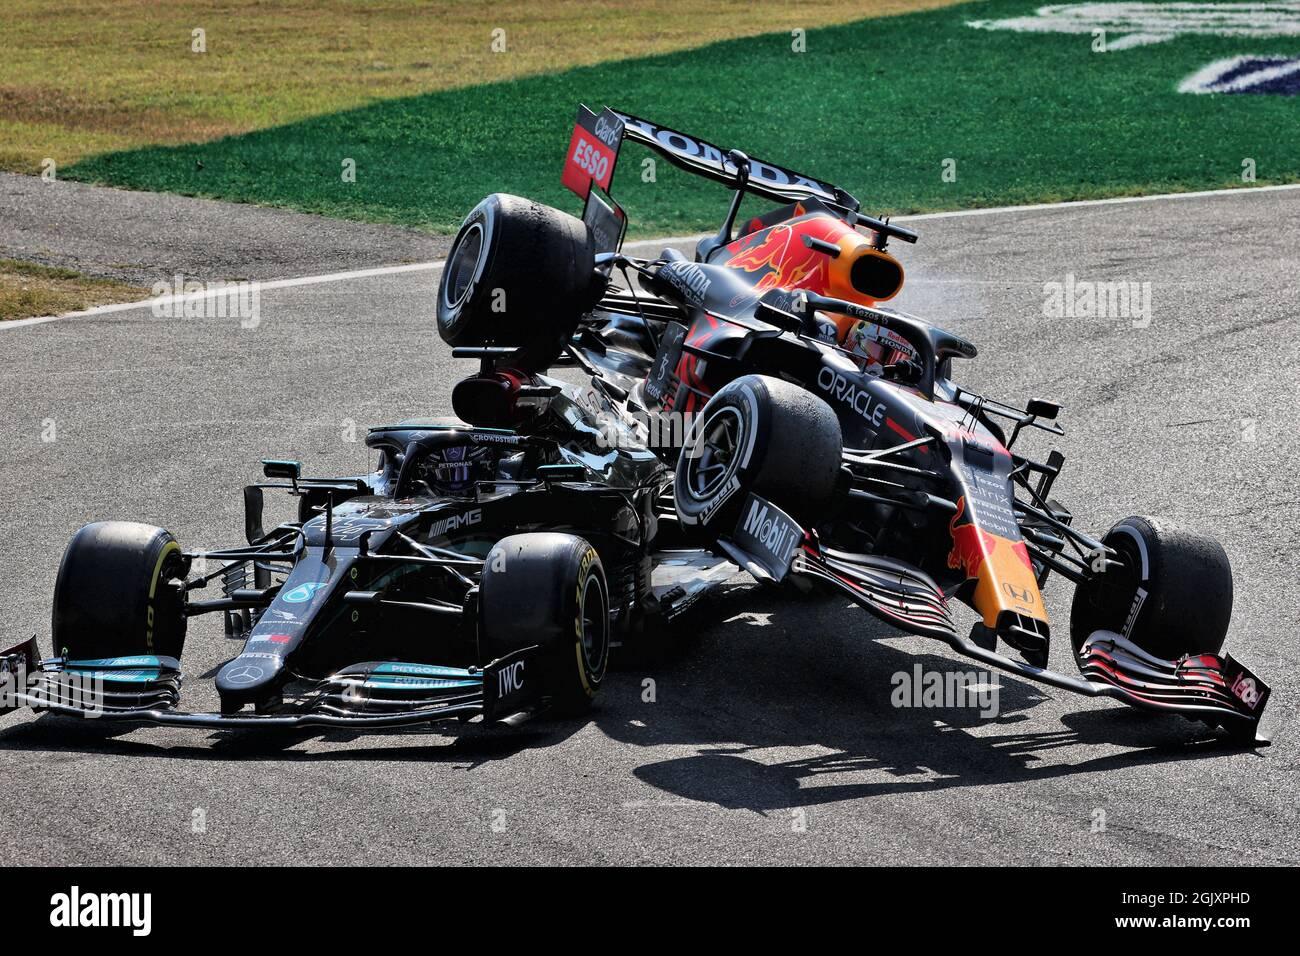 Monza, Italien. September 2021. Max Verstappen (NLD) Red Bull Racing RB16B und Lewis Hamilton (GBR) Mercedes AMG F1 W12 stürzen bei der ersten Schikane ab. 12.09.2021. Formel 1 Weltmeisterschaft, Rd 14, Großer Preis Von Italien, Monza, Italien, Wettkampftag. Bildnachweis sollte lauten: XPB/Press Association Images. Quelle: XPB Images Ltd/Alamy Live News Stockfoto